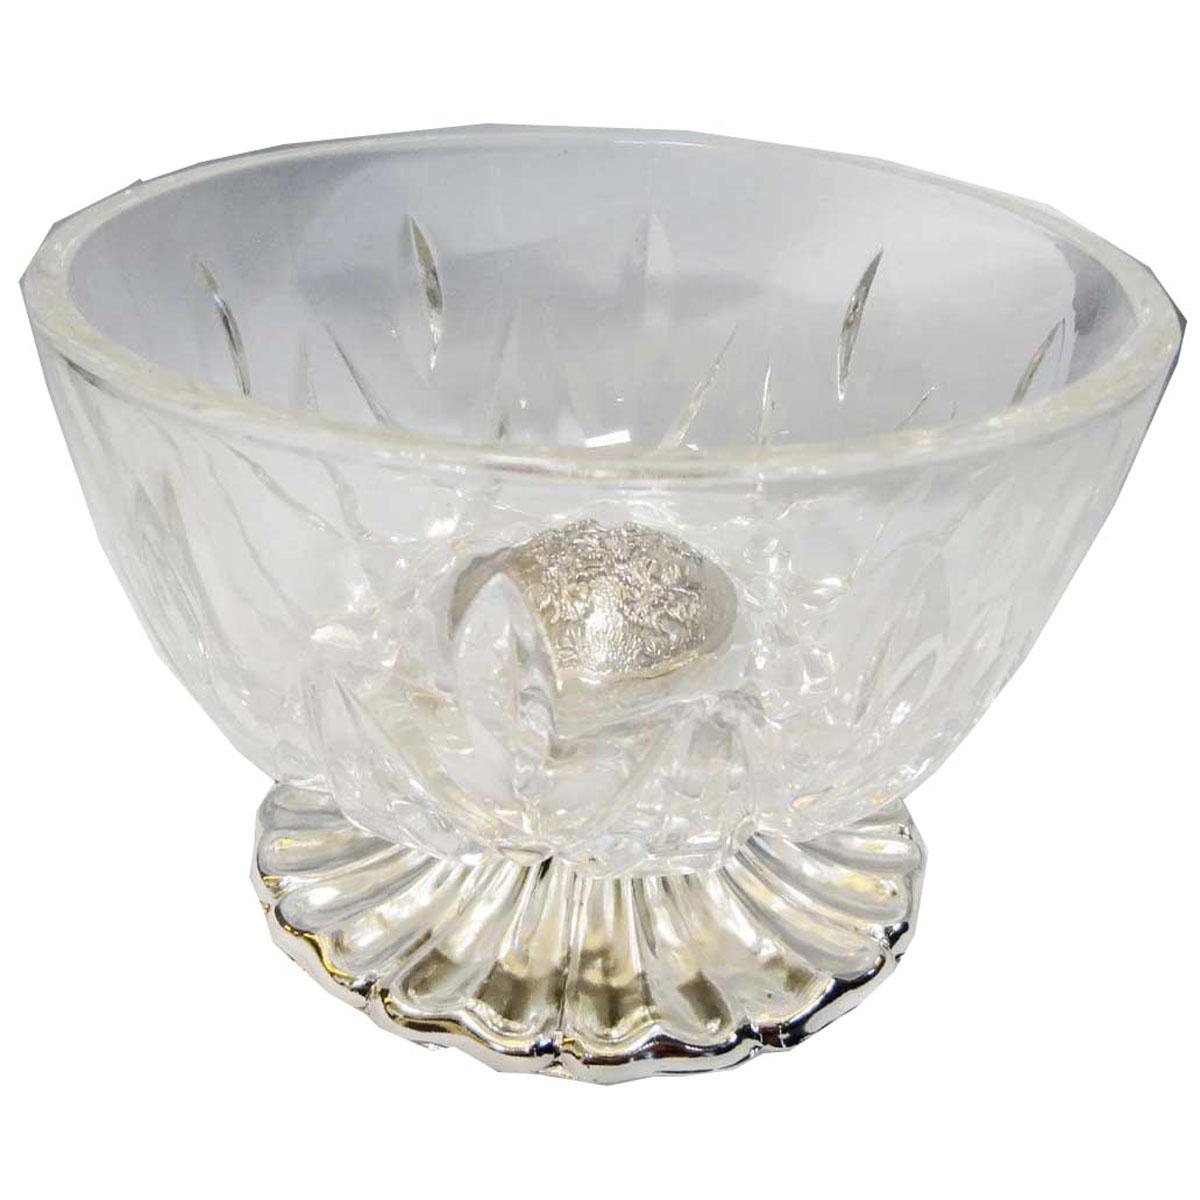 Ваза универсальная Marquis, высота 8,5 см7001-MRУниверсальная ваза Marquis выполнена из прочного стекла с рельефным узором и стали с серебряно-никелевым покрытием. Стальная подставка обеспечивает устойчивость вазы. Посуда может использоваться как конфетница, салатник, для подачи порционных блюд. Выполненная под старину, такая ваза придется по вкусу и ценителям классики, и тем, кто предпочитает утонченность и изысканность. Сервировка праздничного стола вазой Marquis станет великолепным украшением любого торжества.